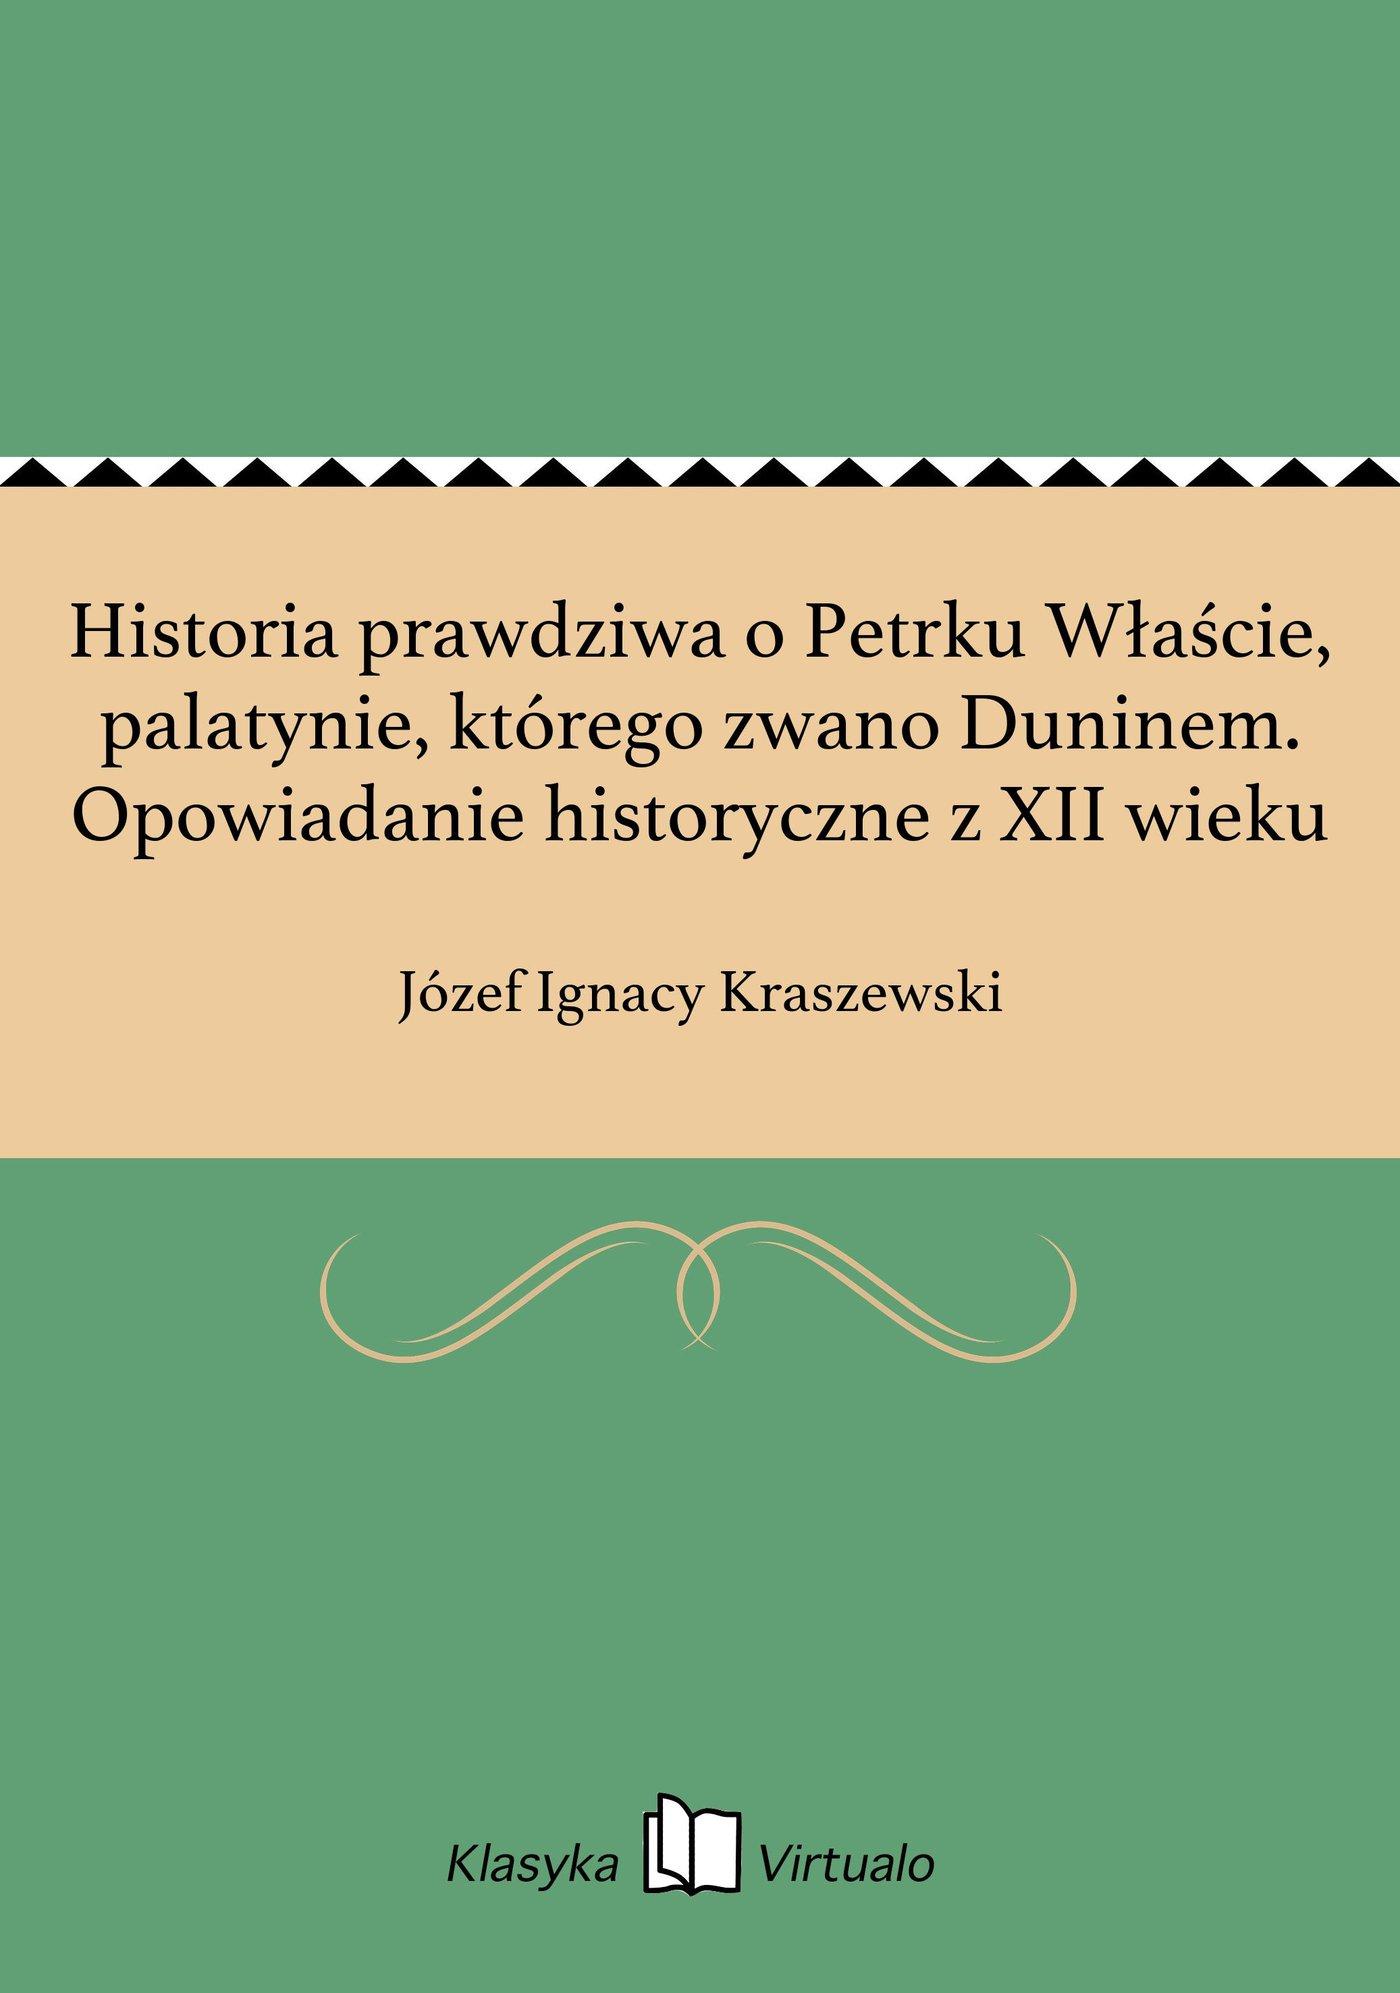 Historia prawdziwa o Petrku Właście, palatynie, którego zwano Duninem. Opowiadanie historyczne z XII wieku - Ebook (Książka EPUB) do pobrania w formacie EPUB